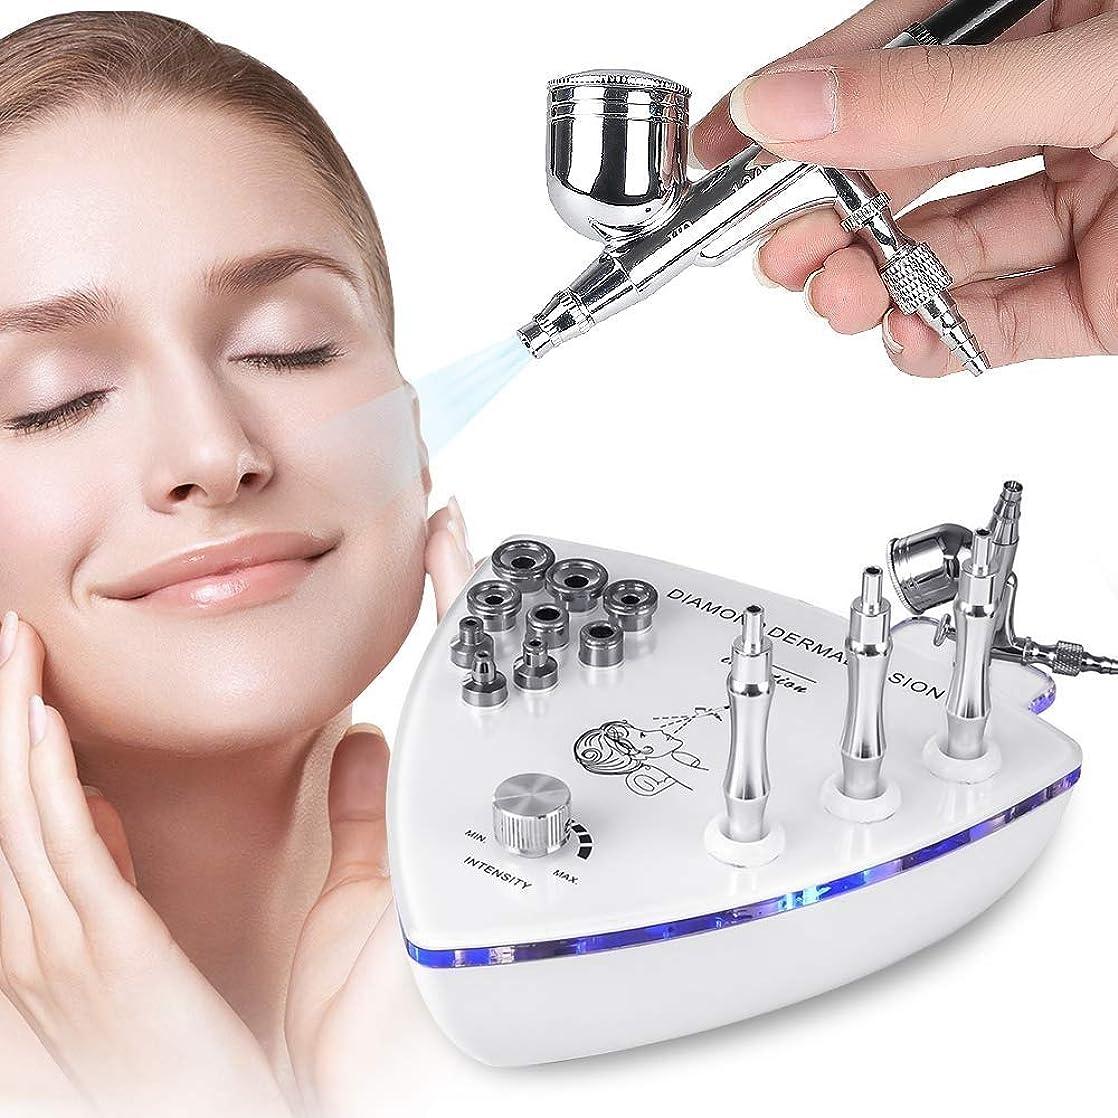 エレベーター頭アスレチック1でスプレーガン、皮の皮の若返り、美装置をきつく締める改装の皮、専門の家の使用顔の美容院装置が付いているダイヤモンドのマイクロダーマブレーション機械3つ1つ (Edition : EUR PLUG)